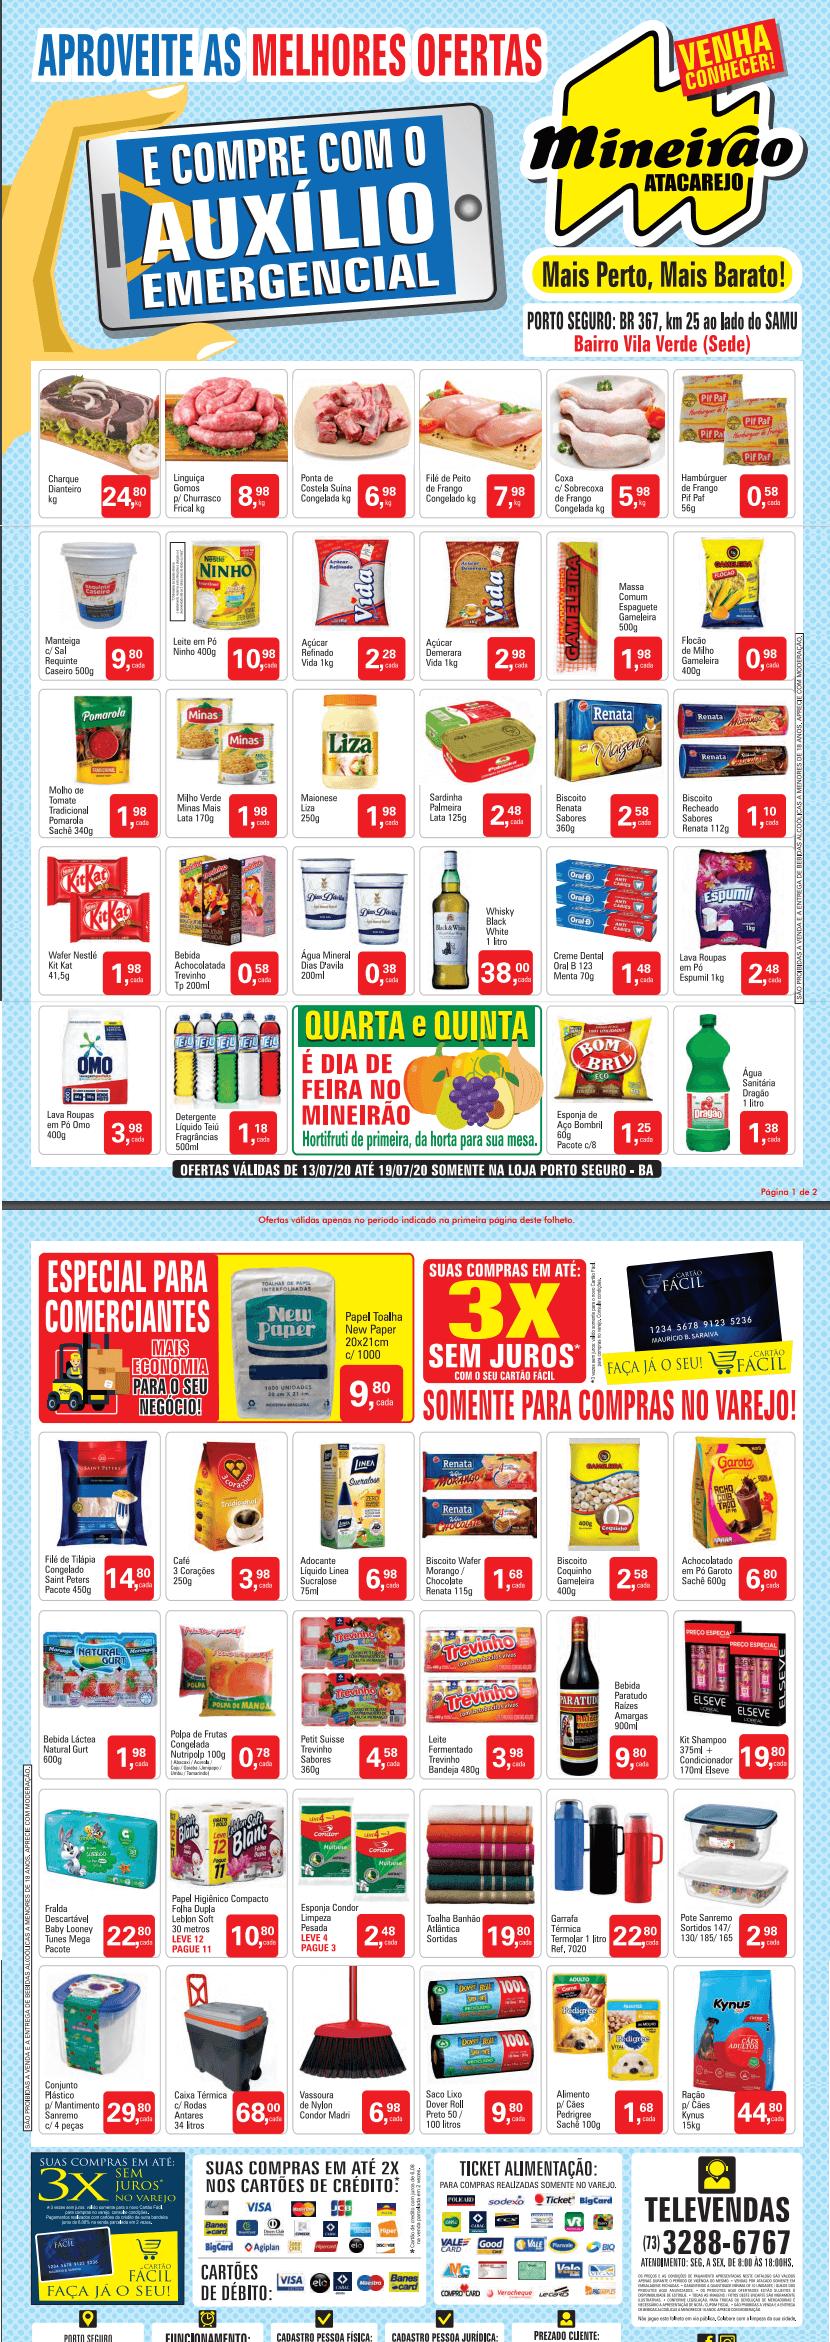 mineirao-atacarejo-porto seguro offers from 13/07 to 19/07/2020